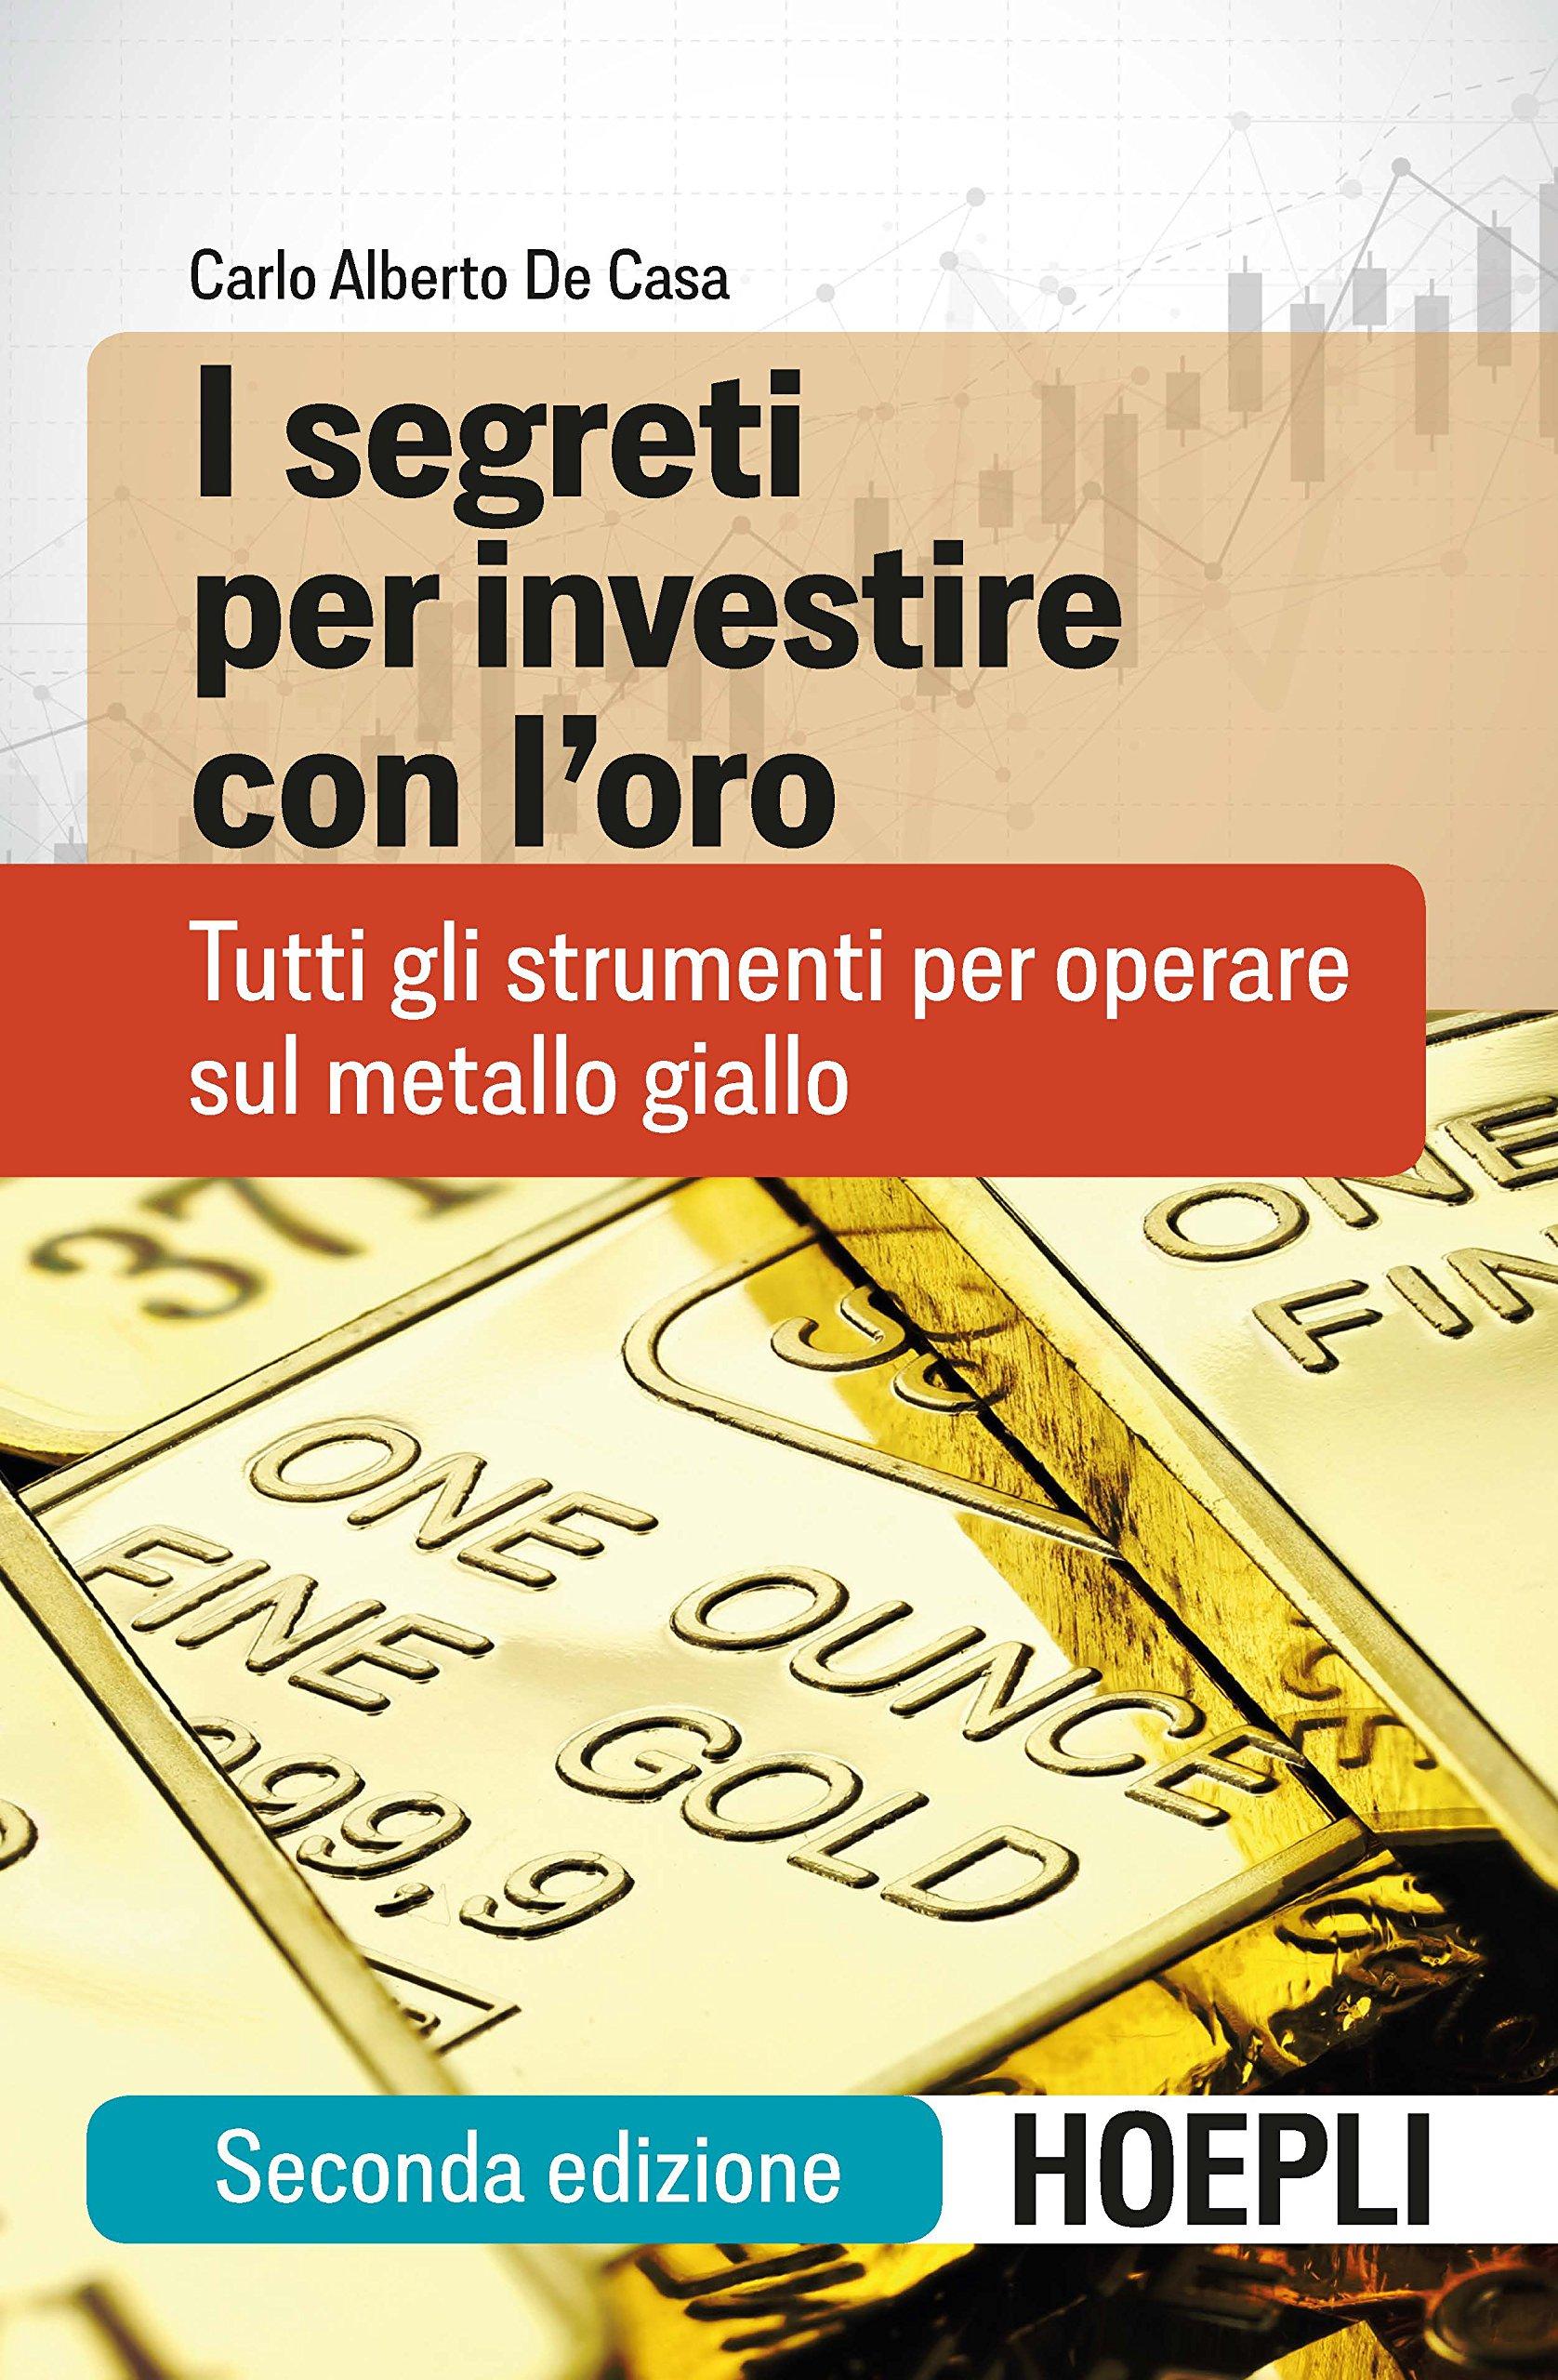 4b36ab19c9 Amazon.it: I segreti per investire con l'oro. Tutti gli strumenti per  operare sul metallo giallo - Carlo Alberto De Casa - Libri